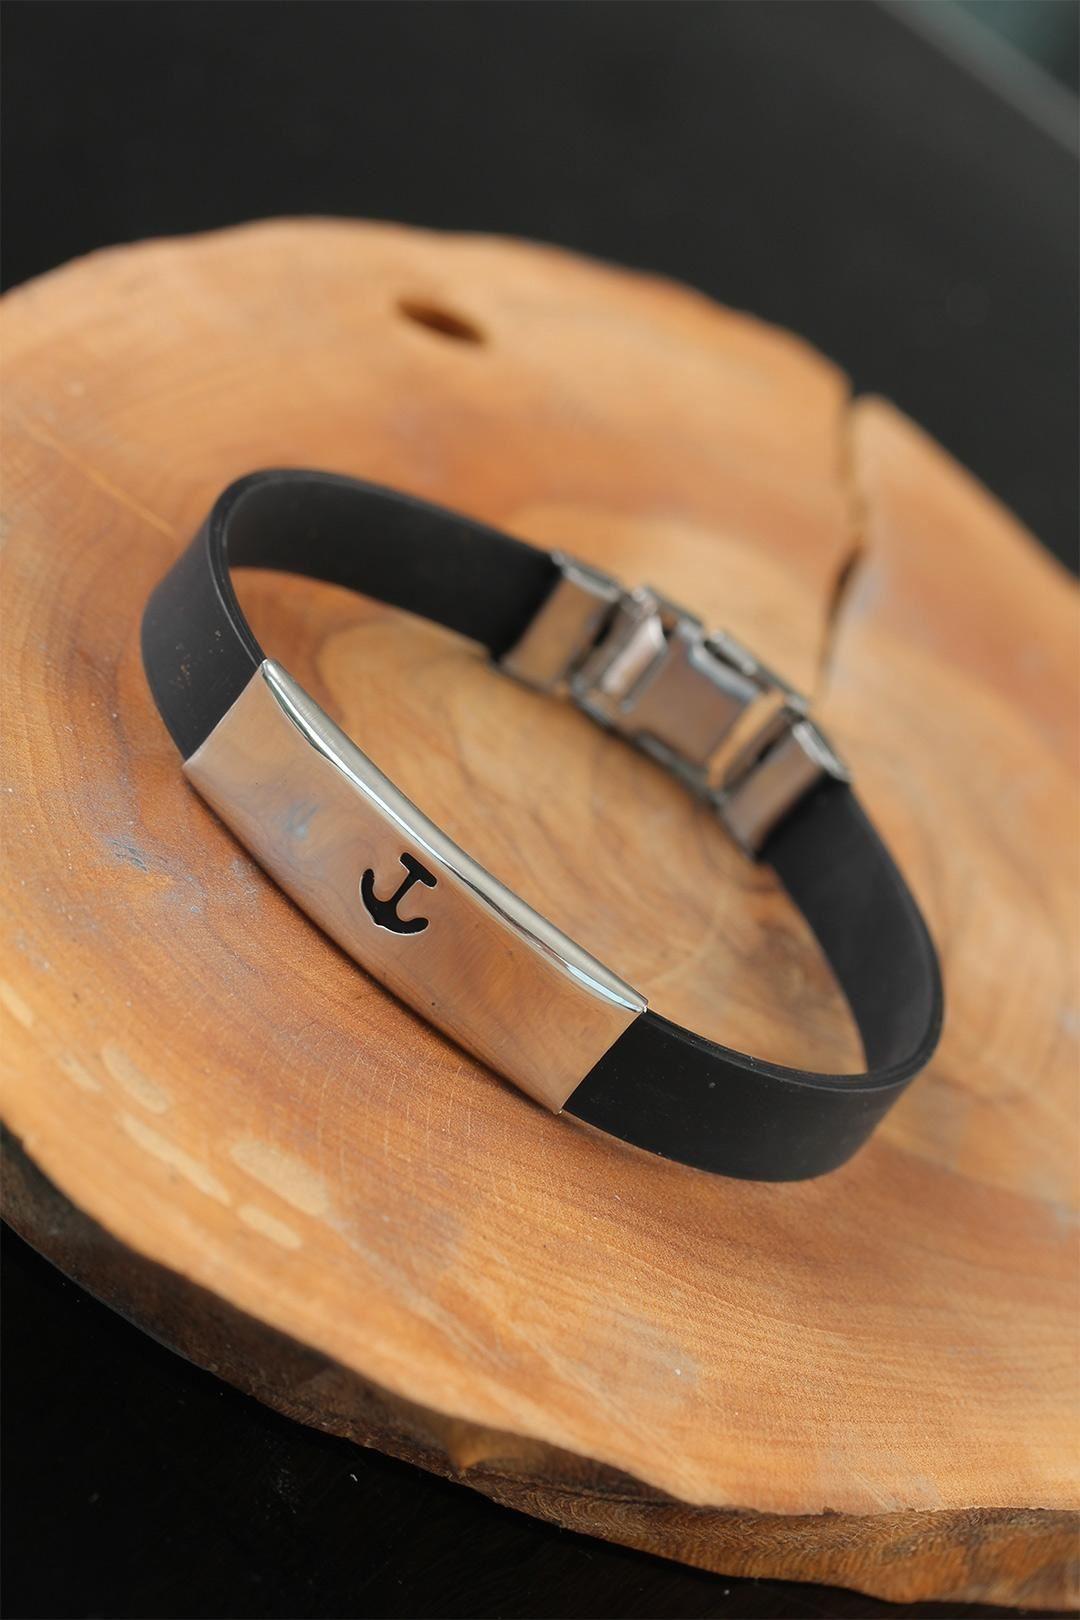 Silver Renk Metal Deniz Çapası Tasarım Siyah Renk Silikon Erkek Bileklik